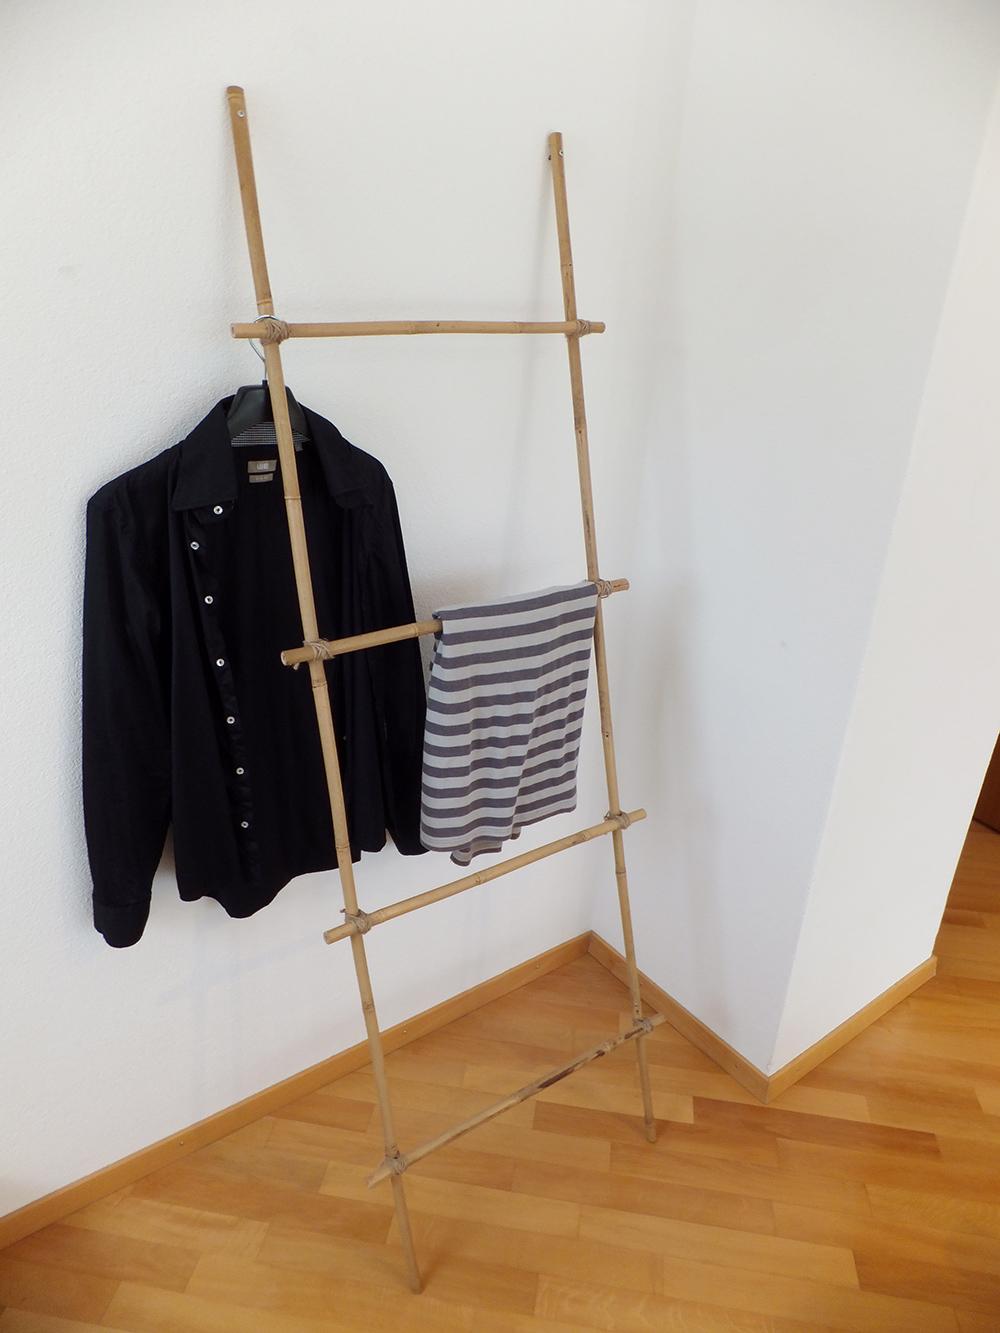 bambus garderobe kreuz und quer. Black Bedroom Furniture Sets. Home Design Ideas